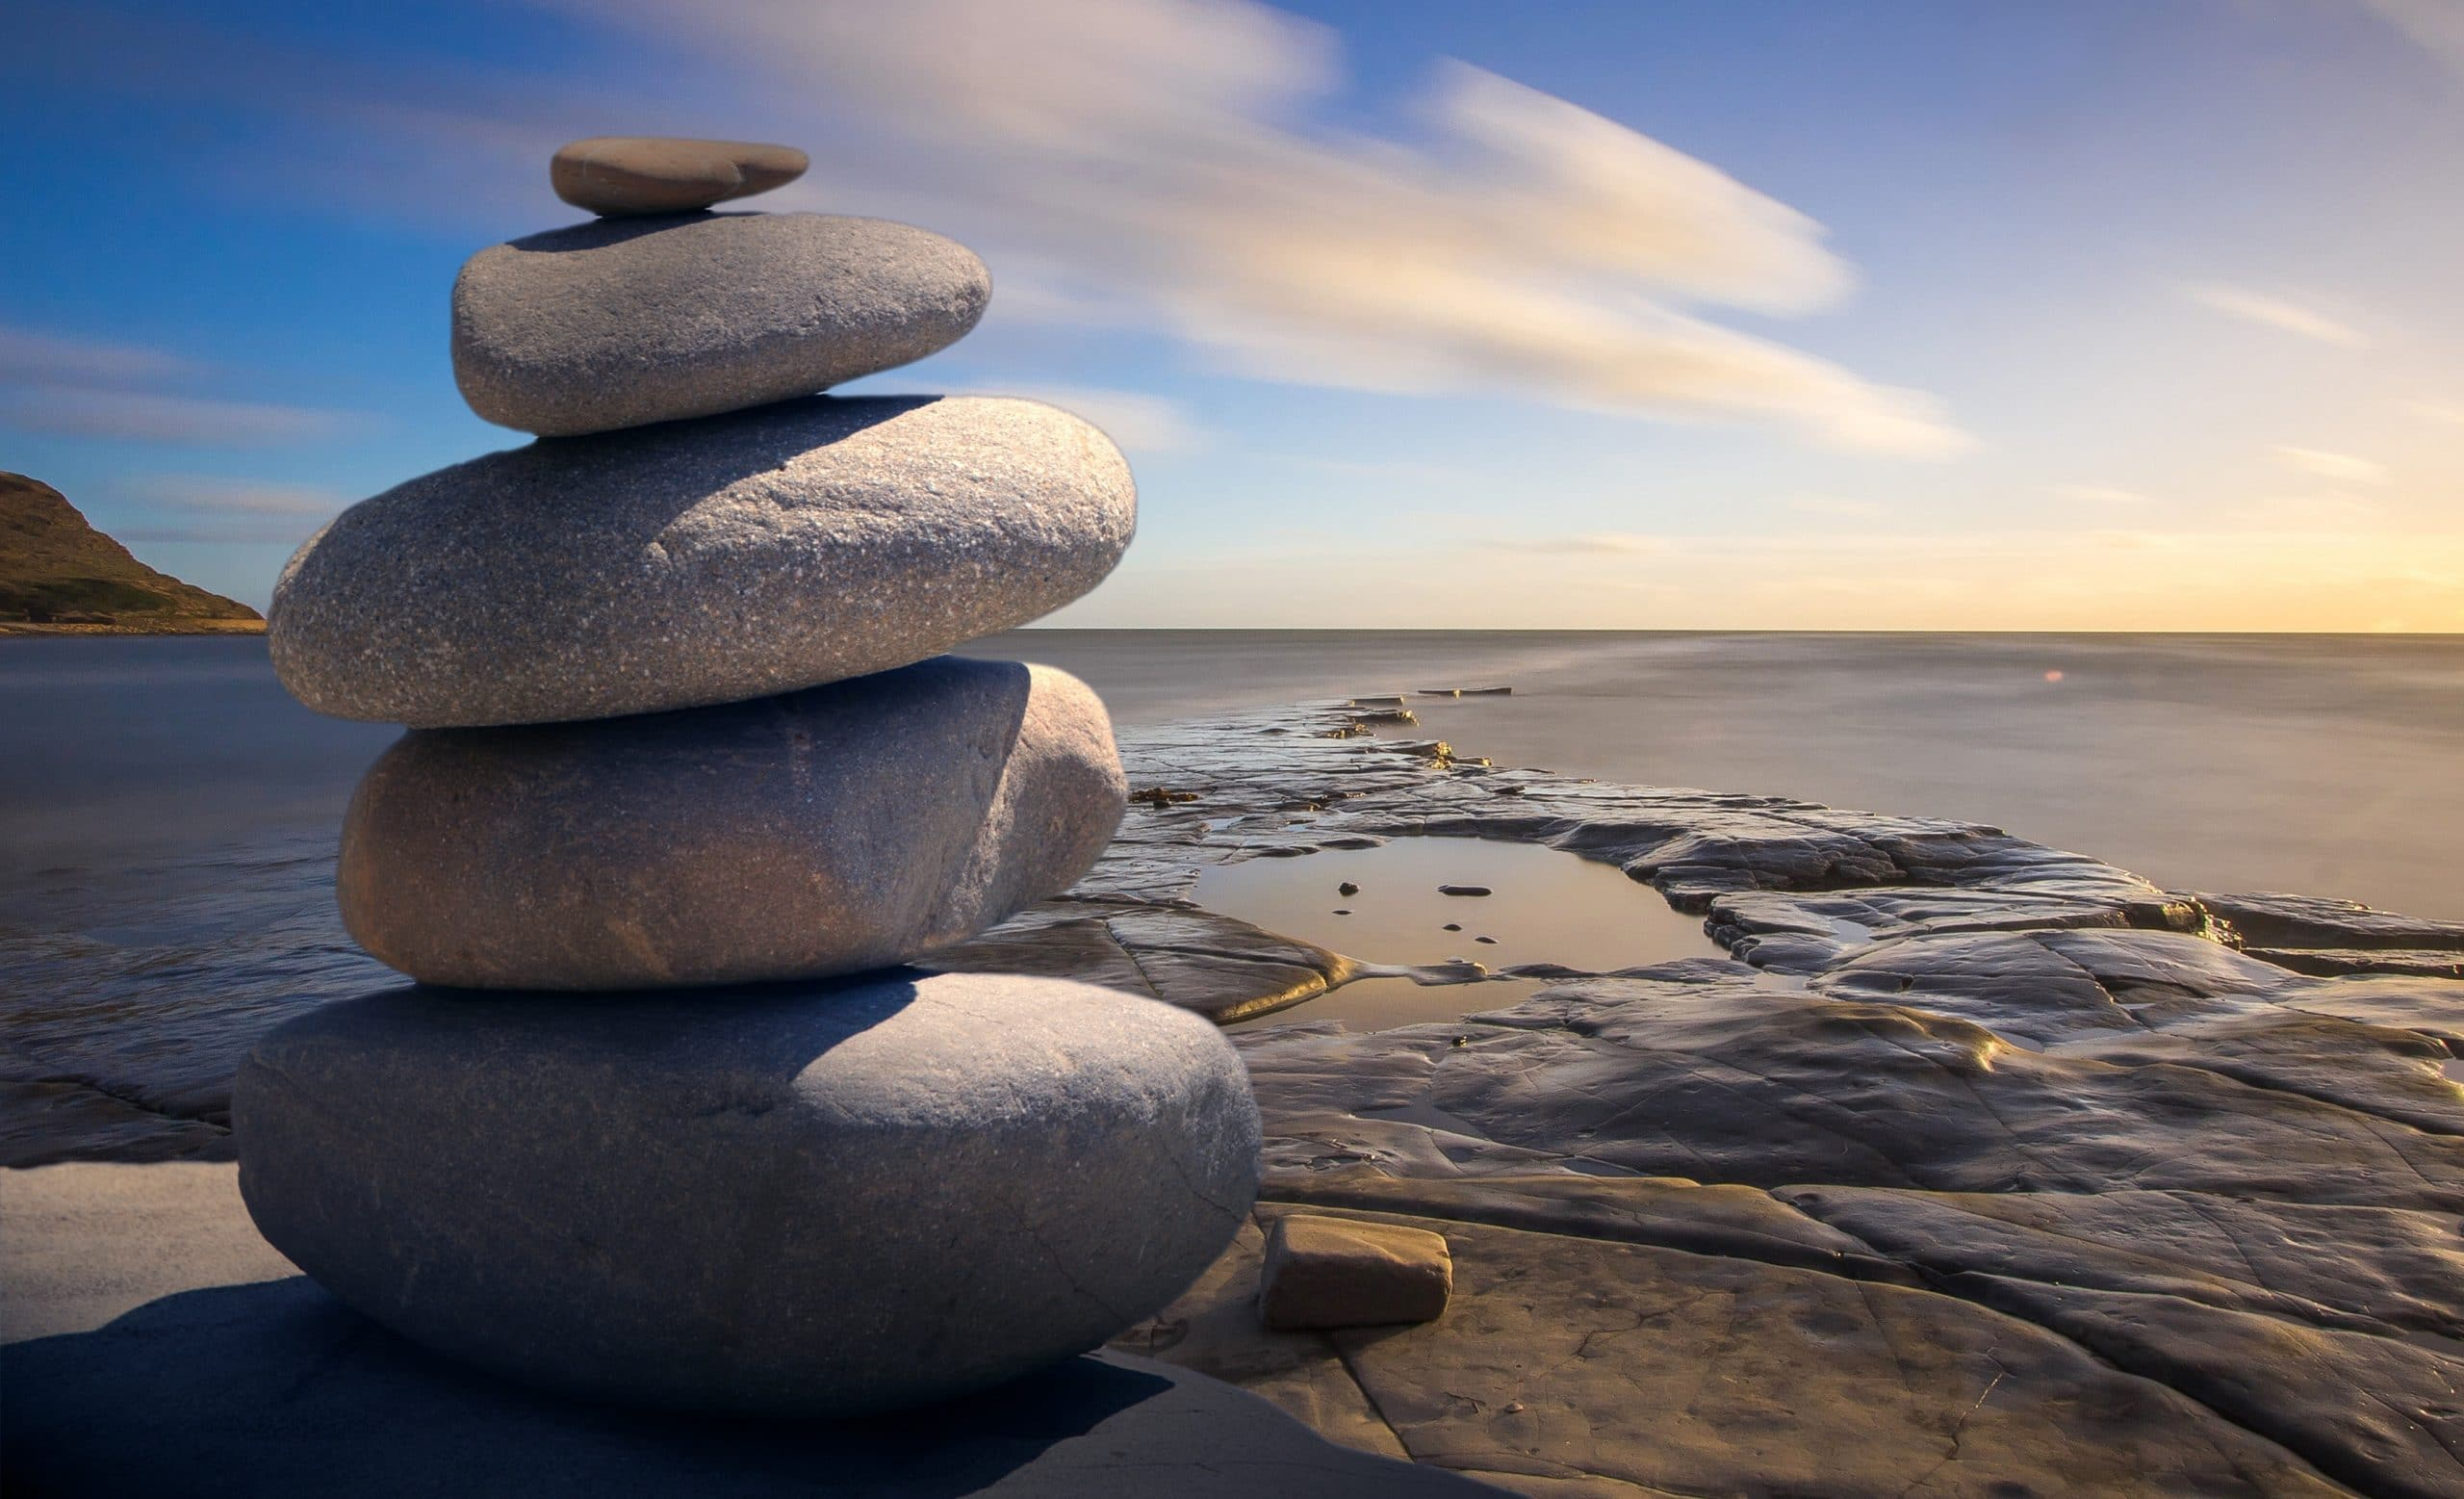 Pedras equilibradas em frente a uma praia.